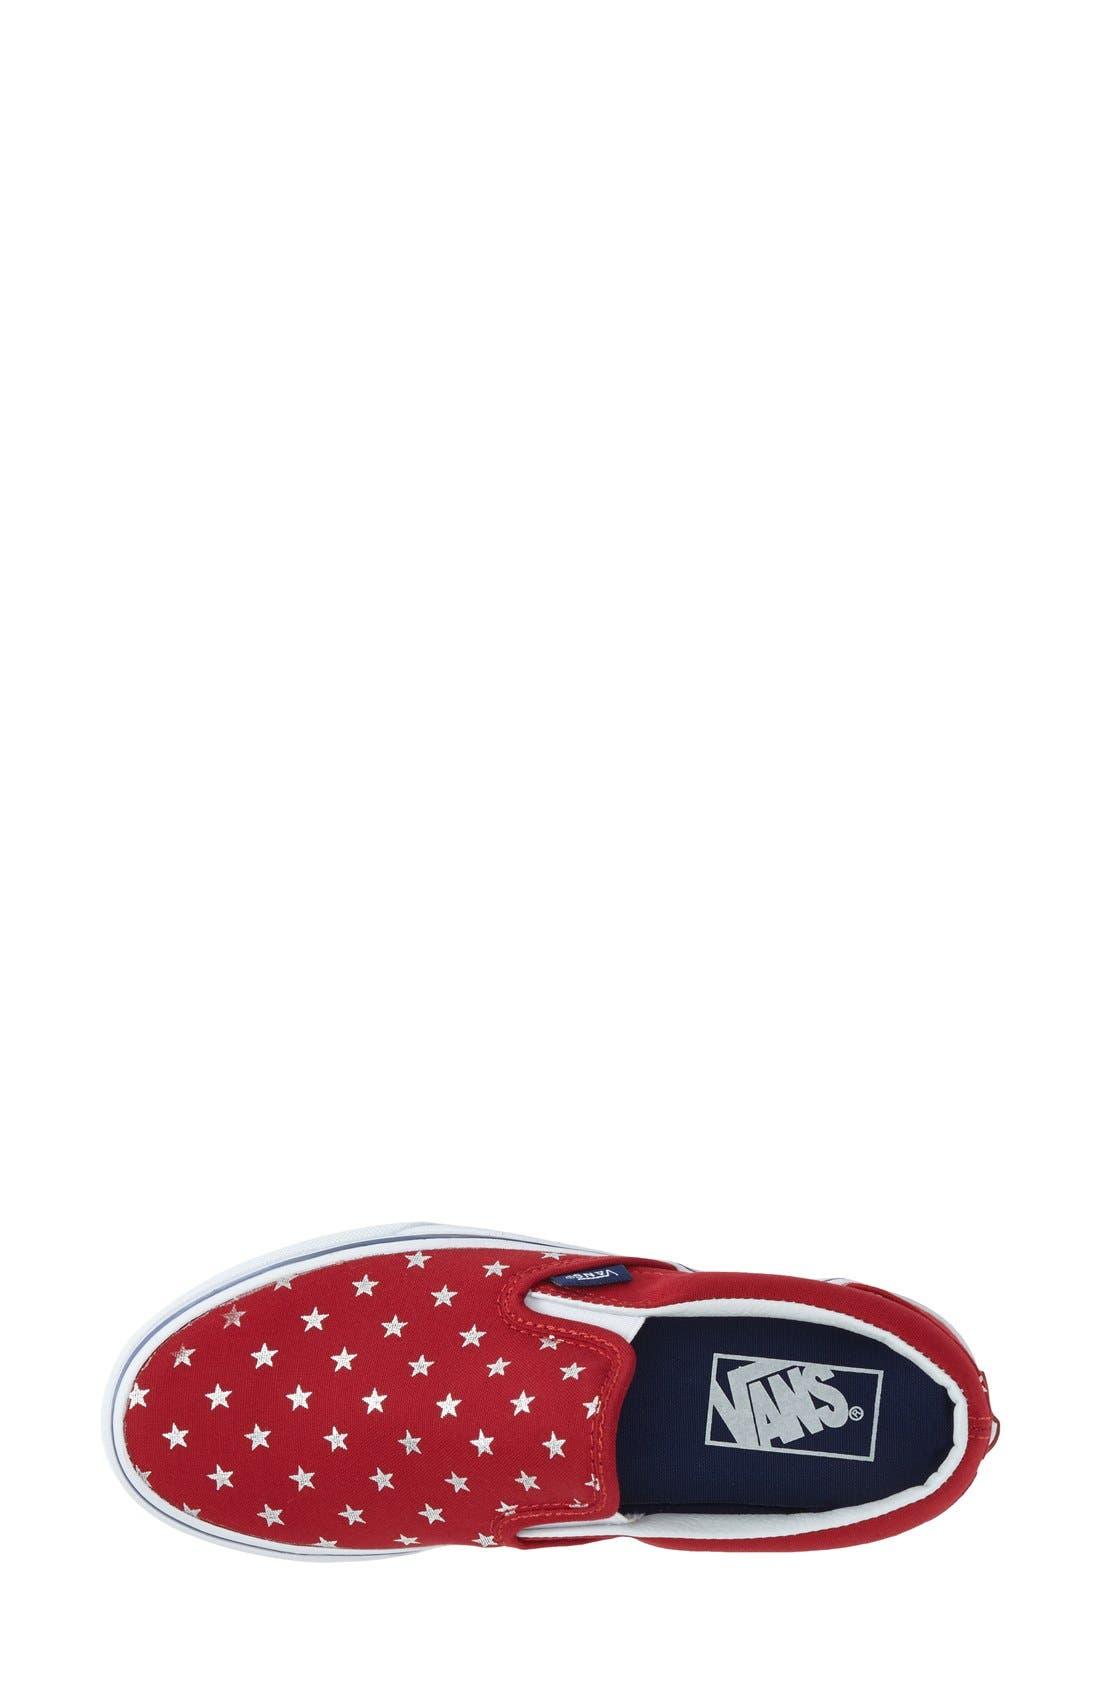 Alternate Image 3  - Vans 'Classic - Stars' Slip-On Sneaker (Women)